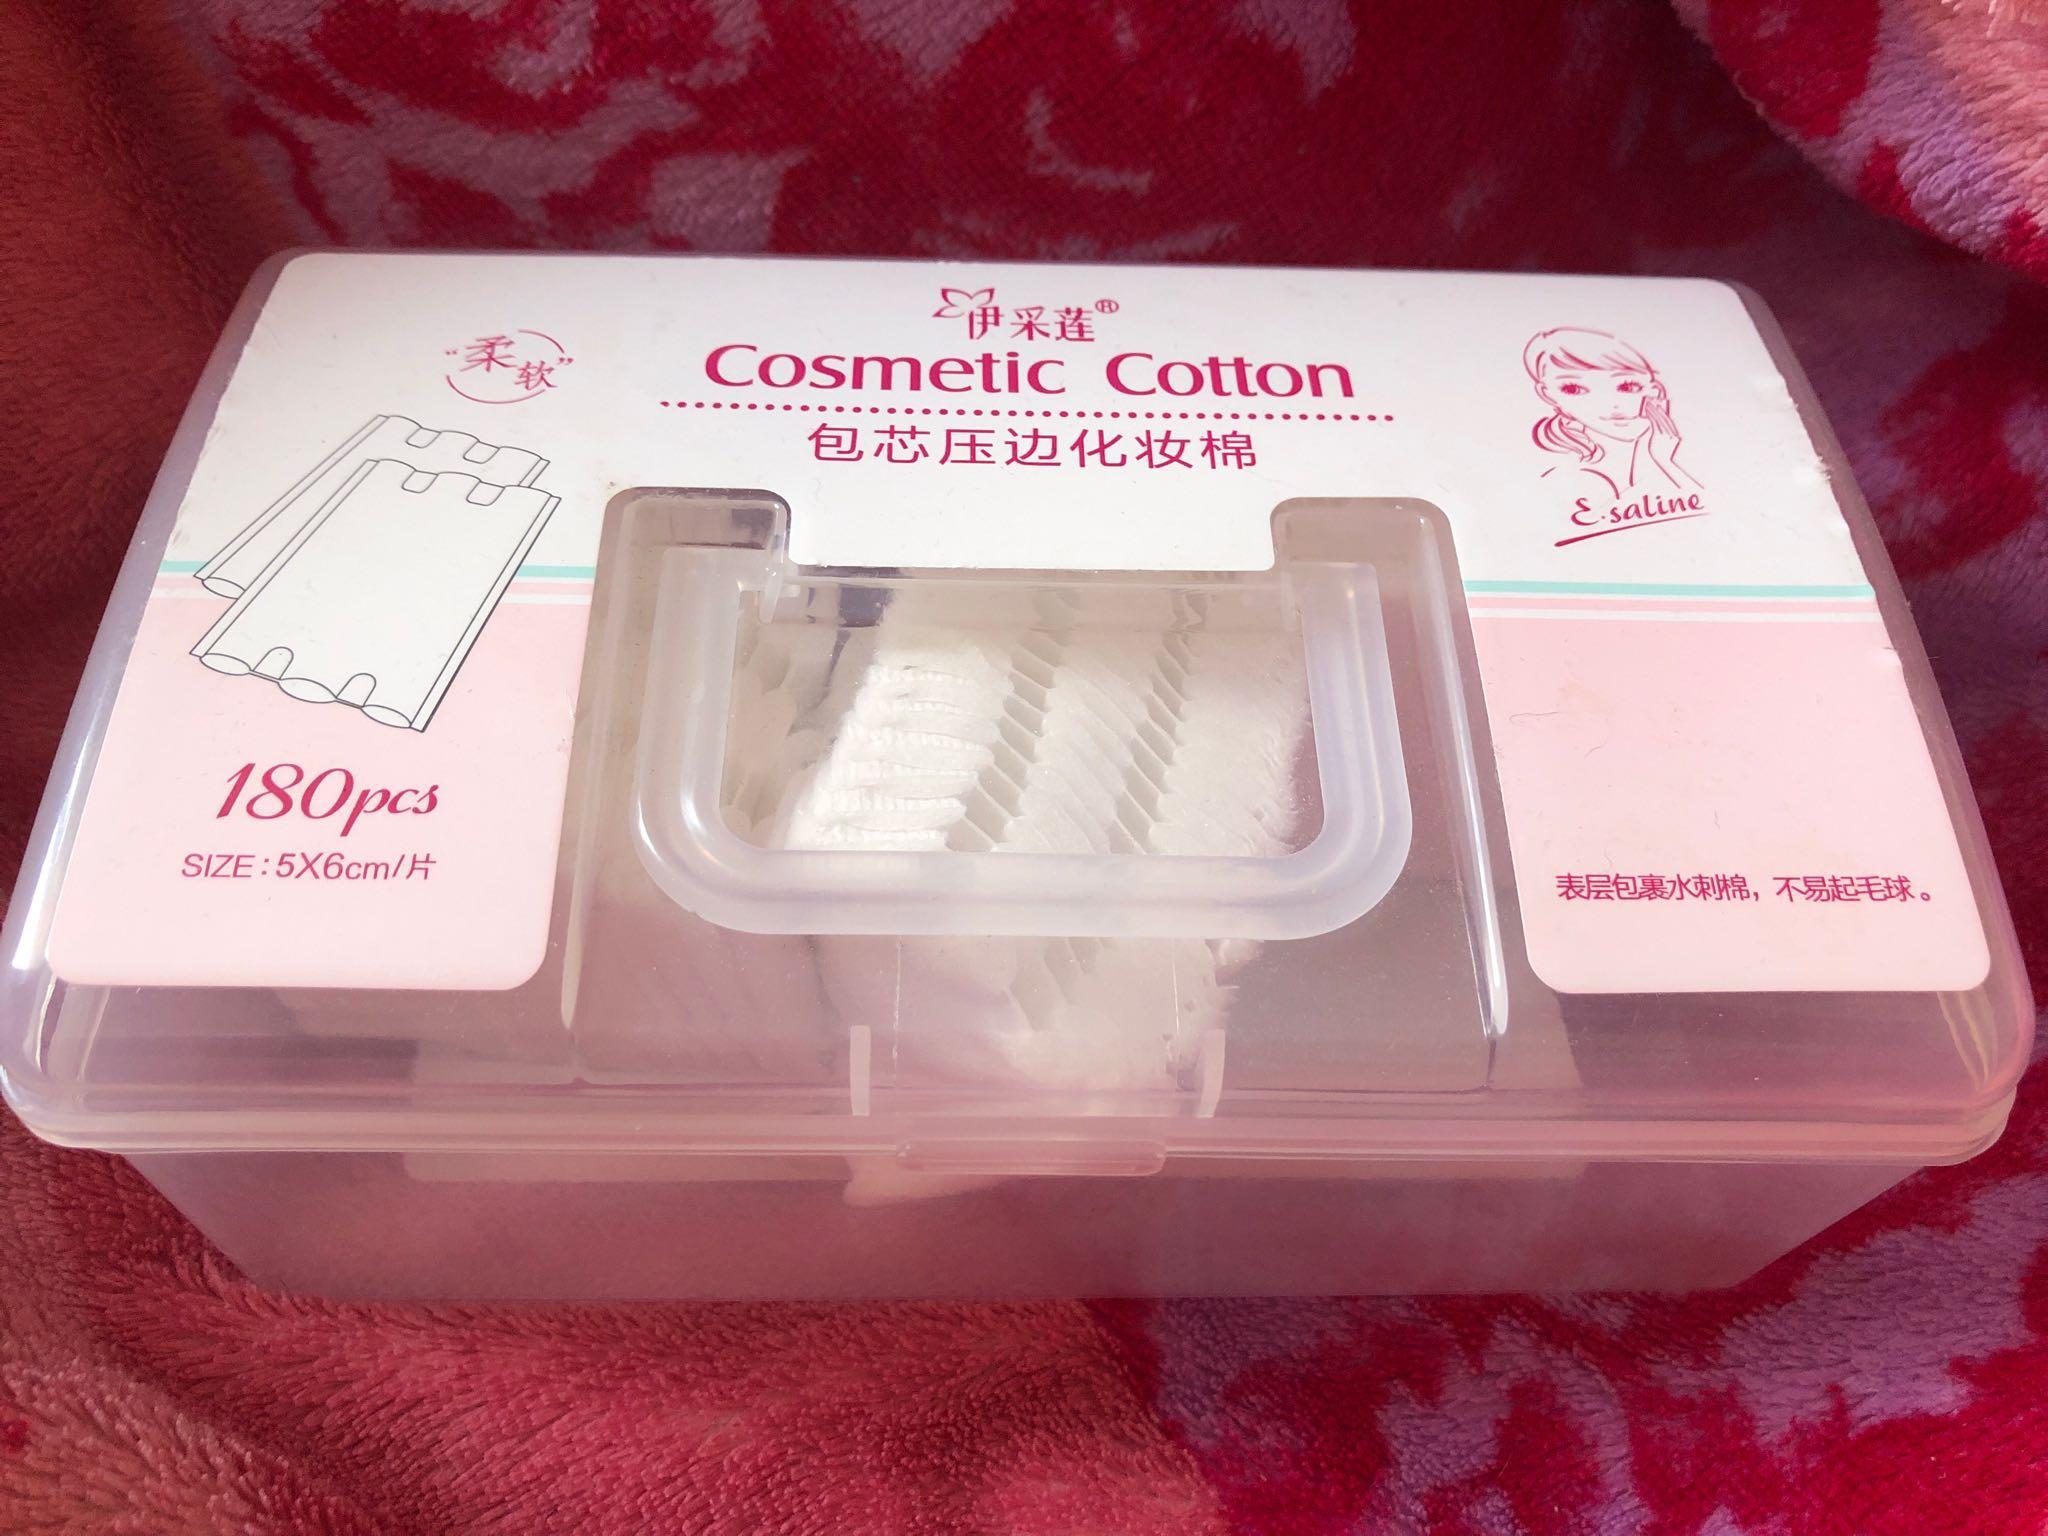 Cosmetic Cotton вытные диски 180 штук